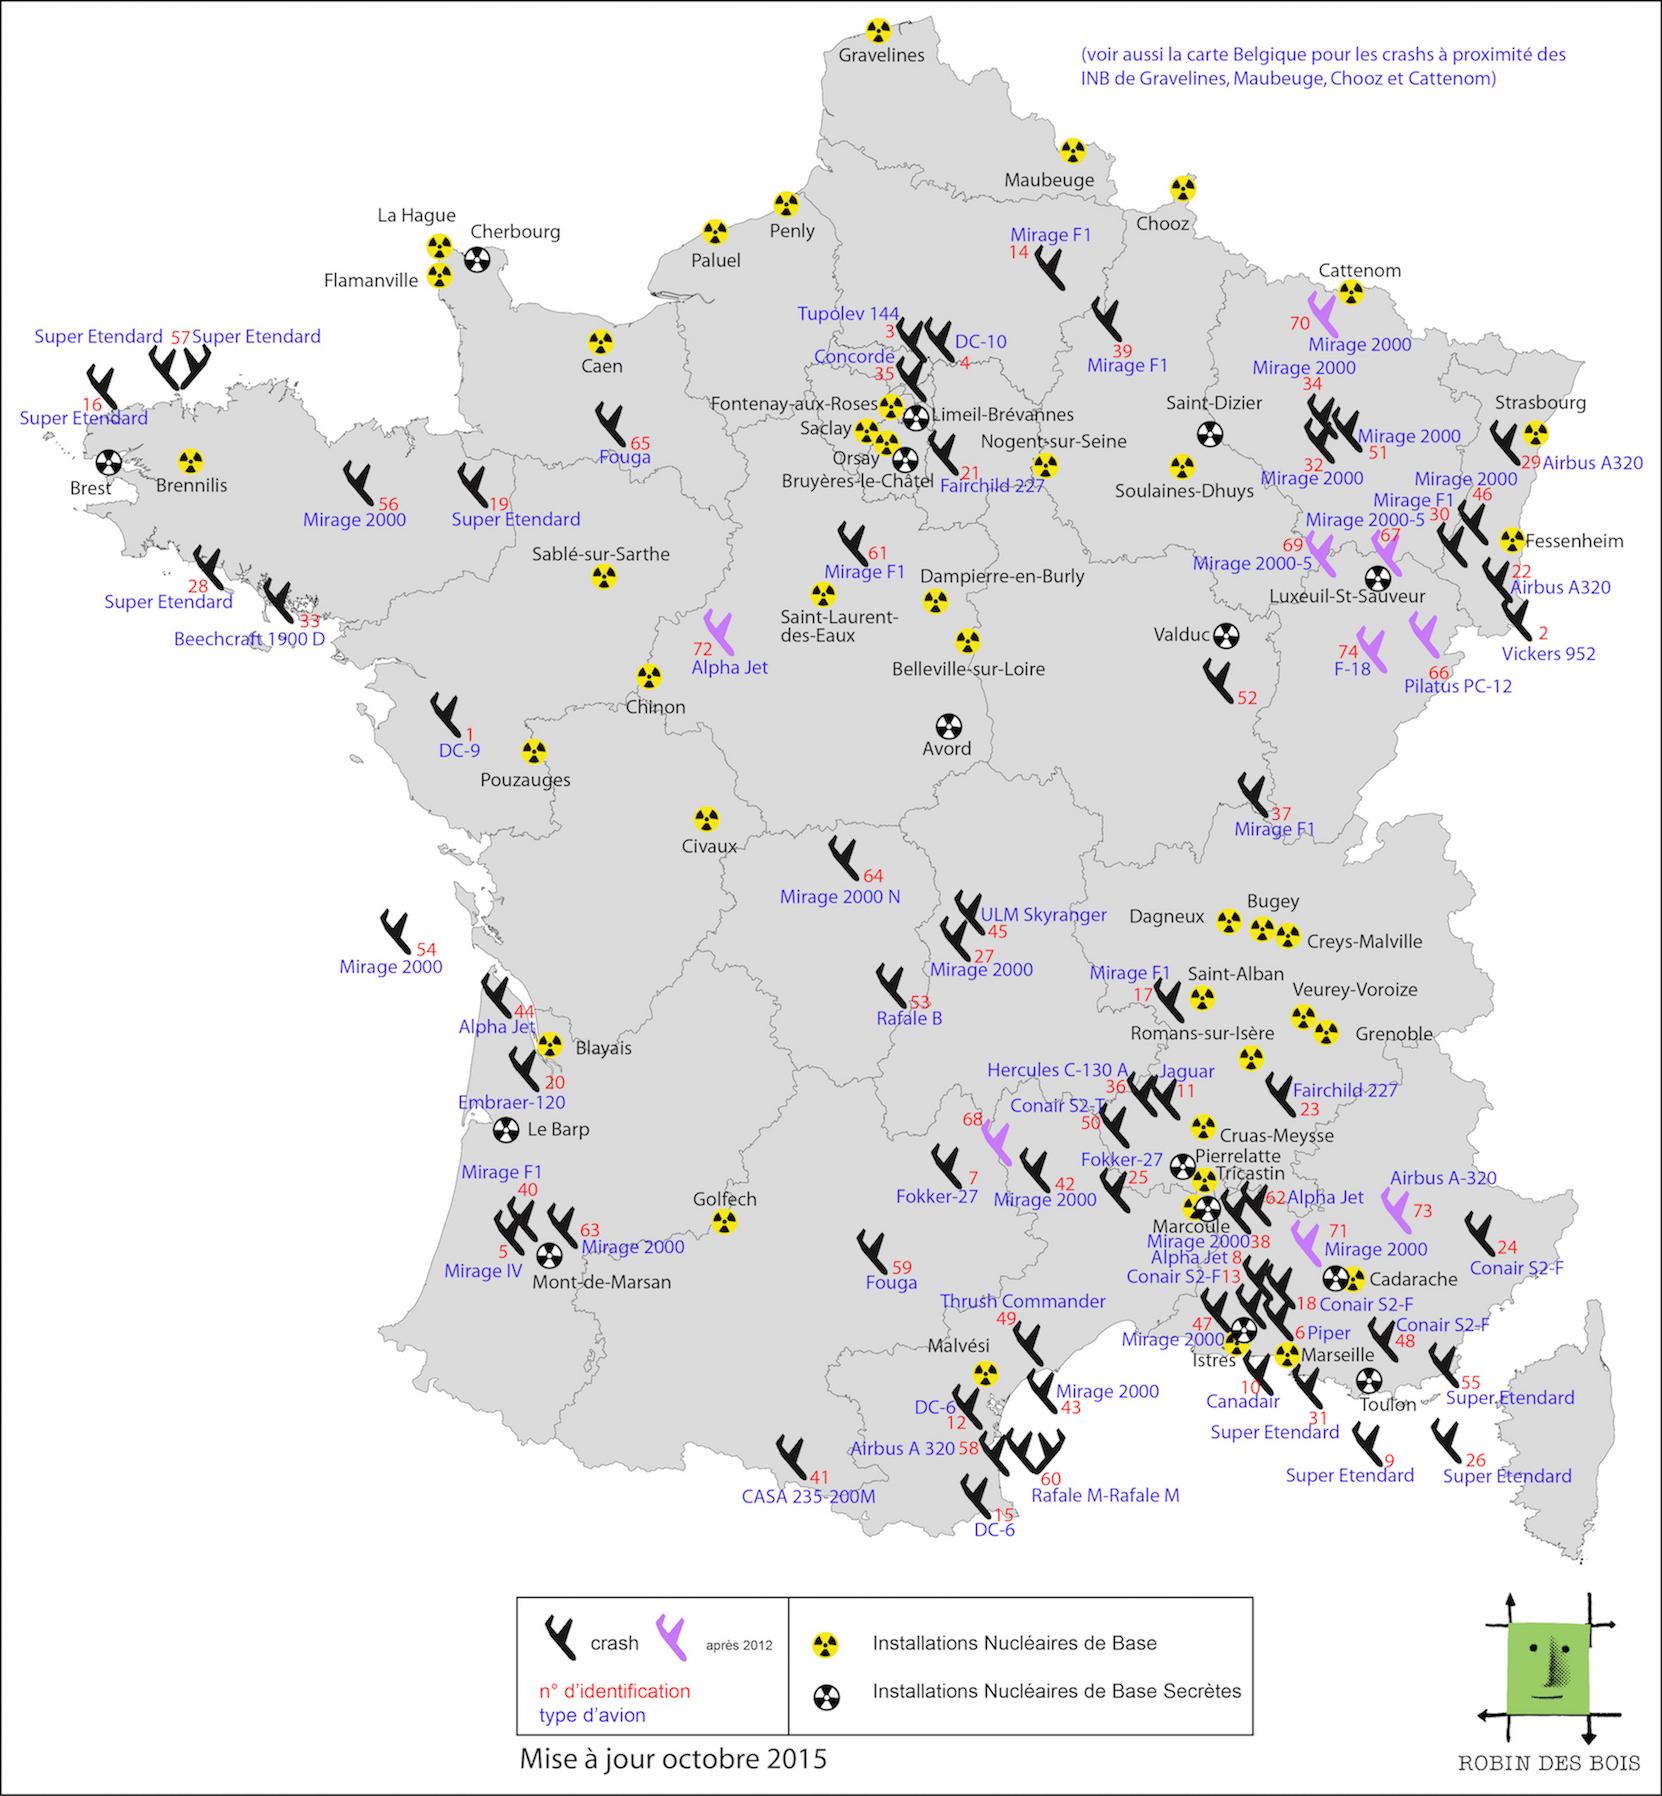 France_inb_avions-Robindesbois